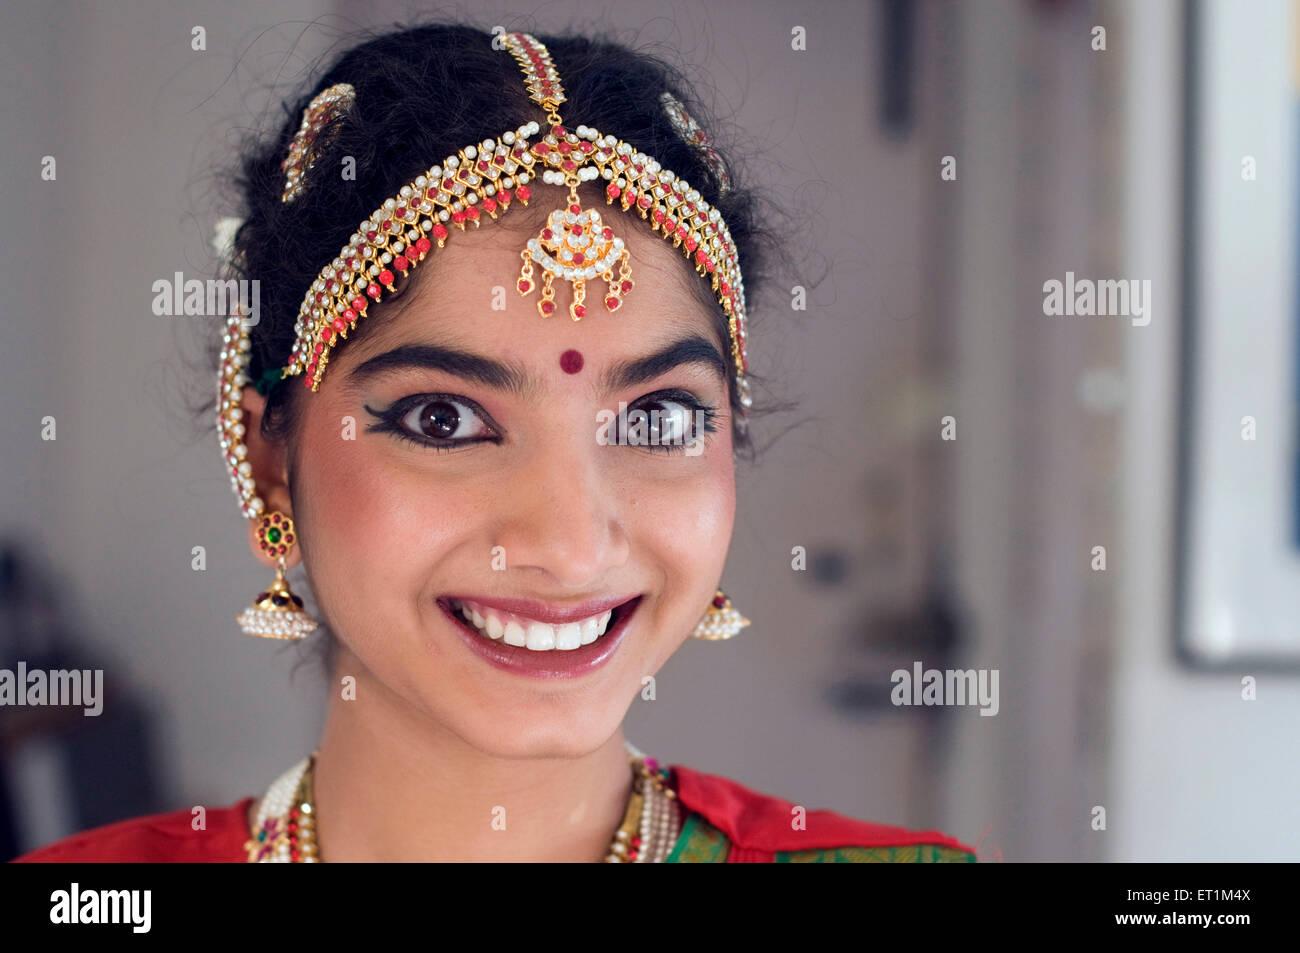 Gujrathi girl wearing traditional attire and jewellery for Bharatnatyam Pune Maharashtra India Asia  MR 191 - Stock Image